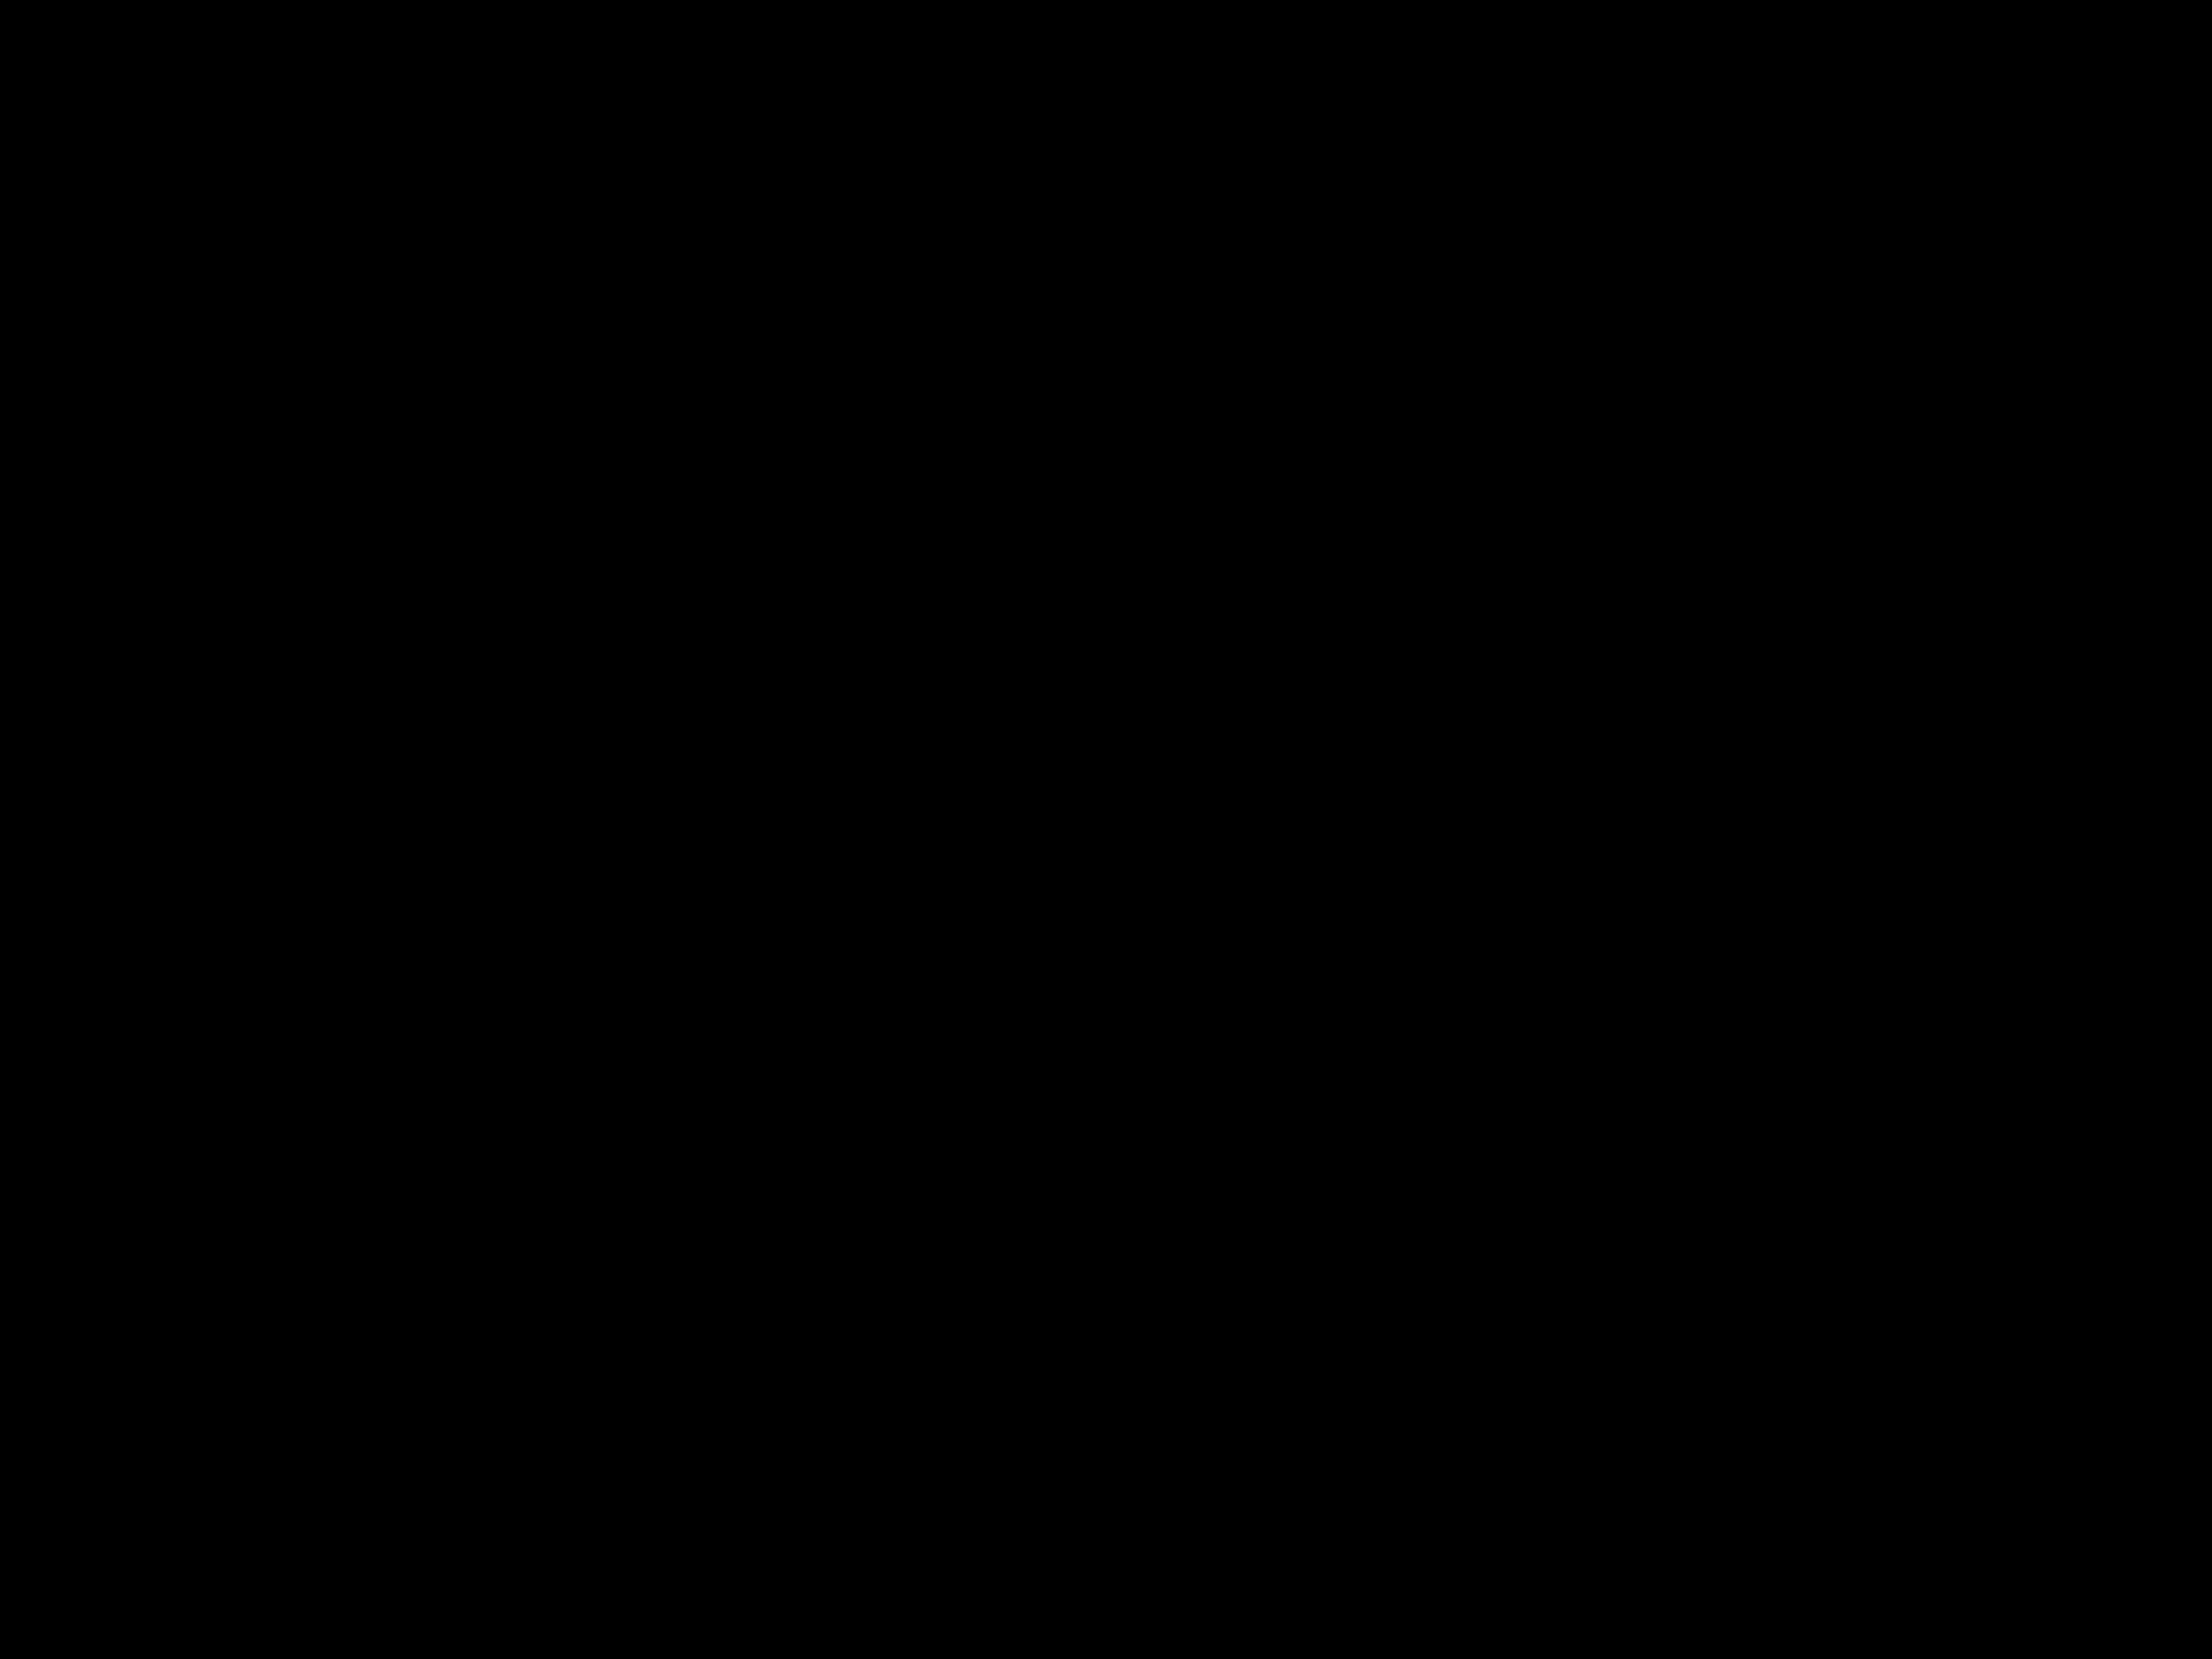 V177 Mercedes-Benz A-Class Sedan finally unveiled Image #842892